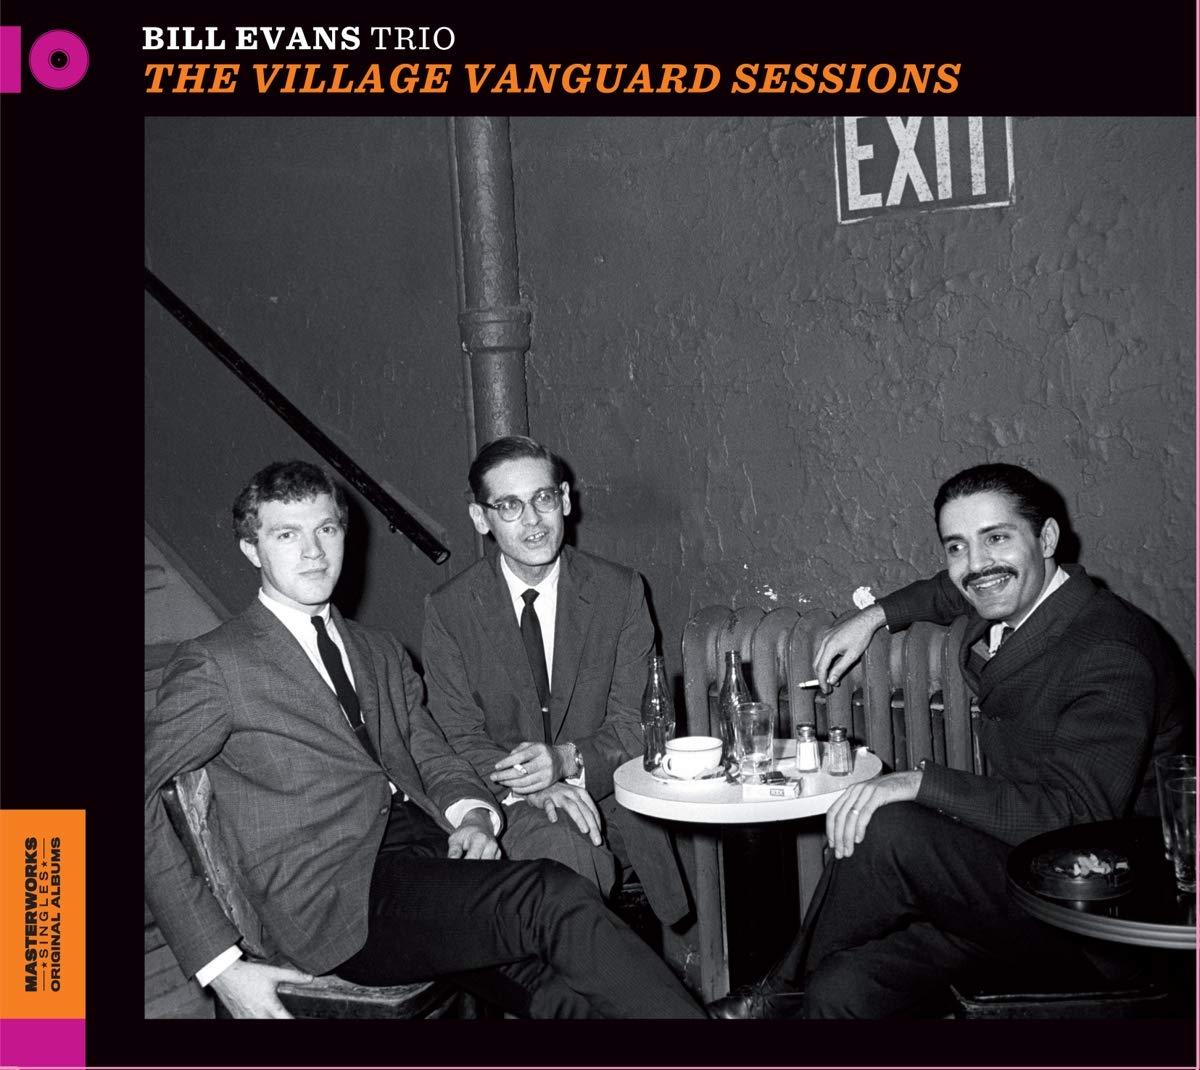 evans vv sessions cover.jpg